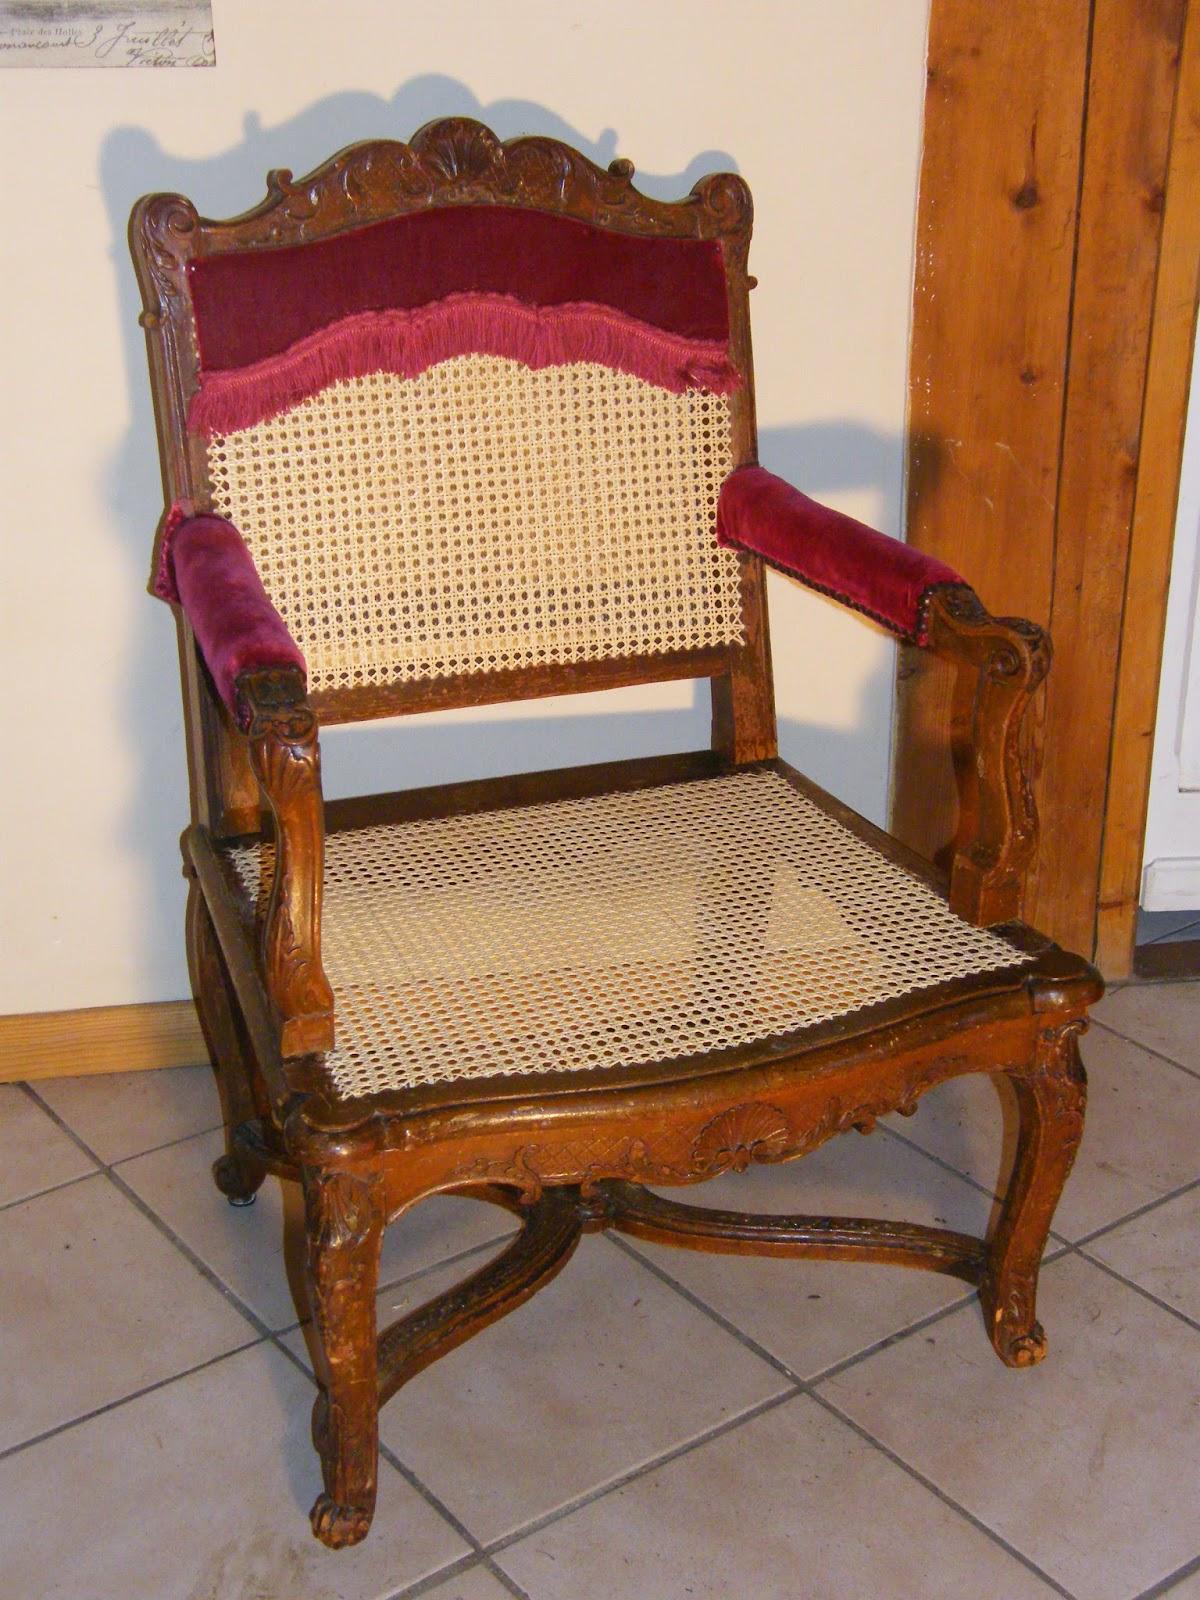 normandie cannage tarif prix rempaillage chaise et fauteuil 2012. Black Bedroom Furniture Sets. Home Design Ideas